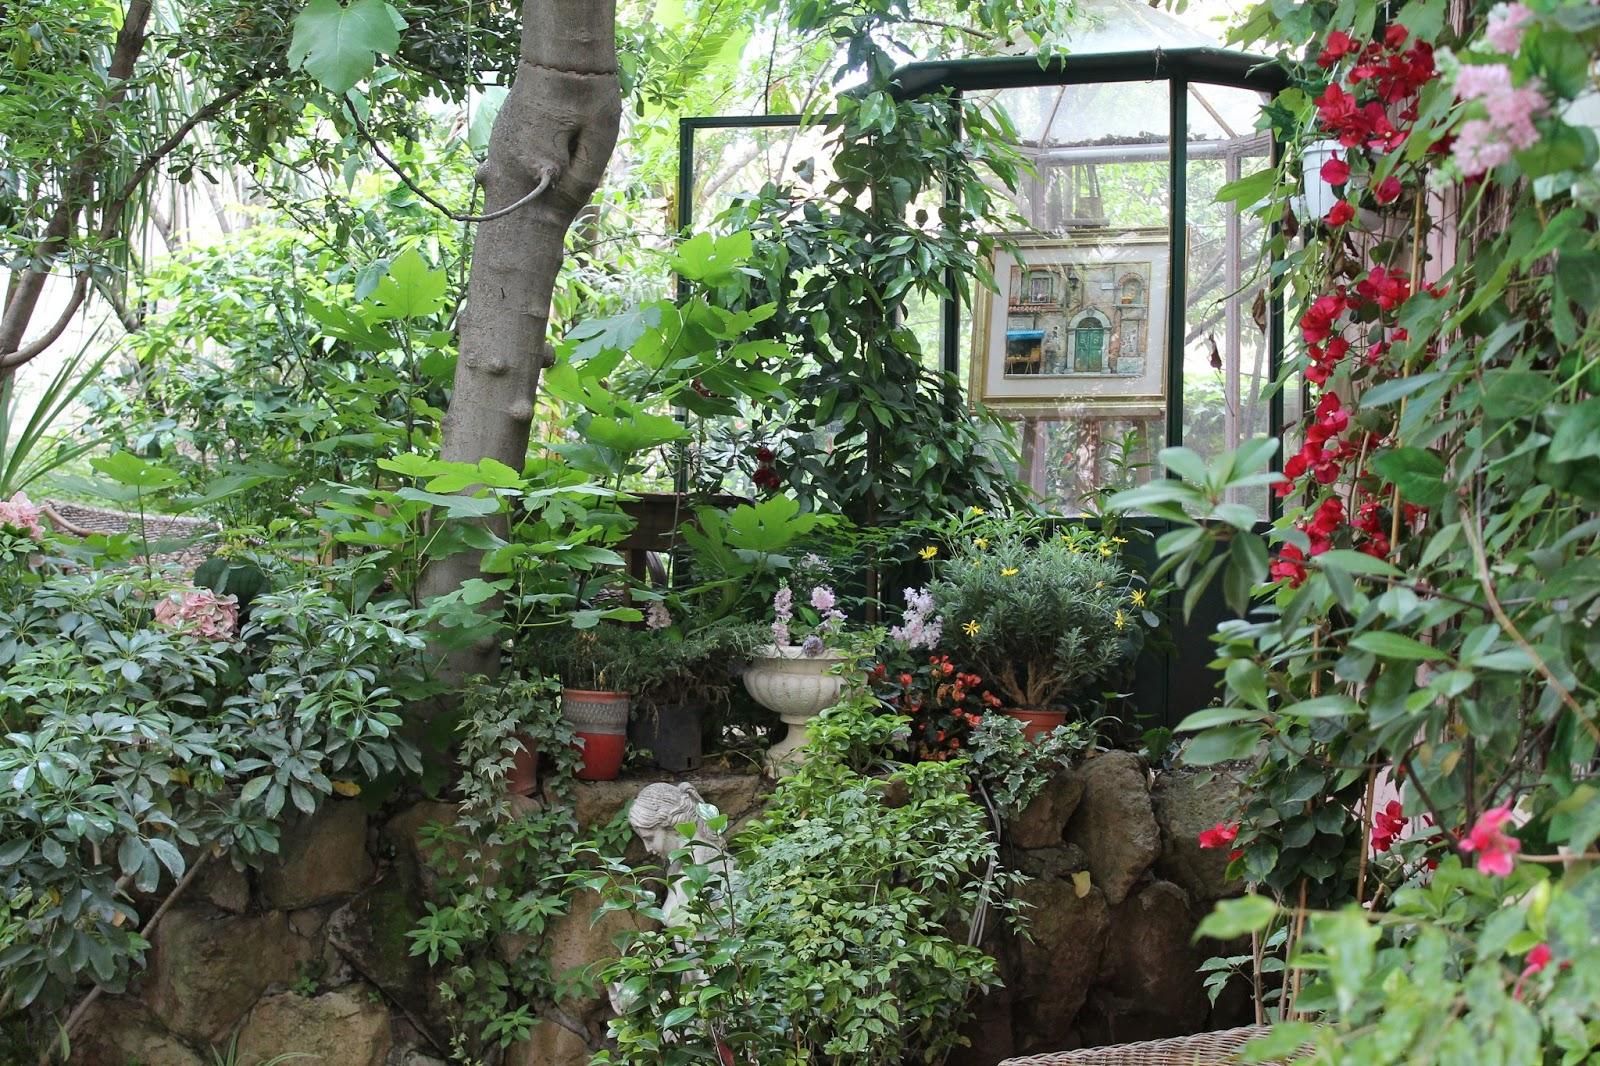 Giallodinylon il giardino segreto - Il giardino segreto roma ...